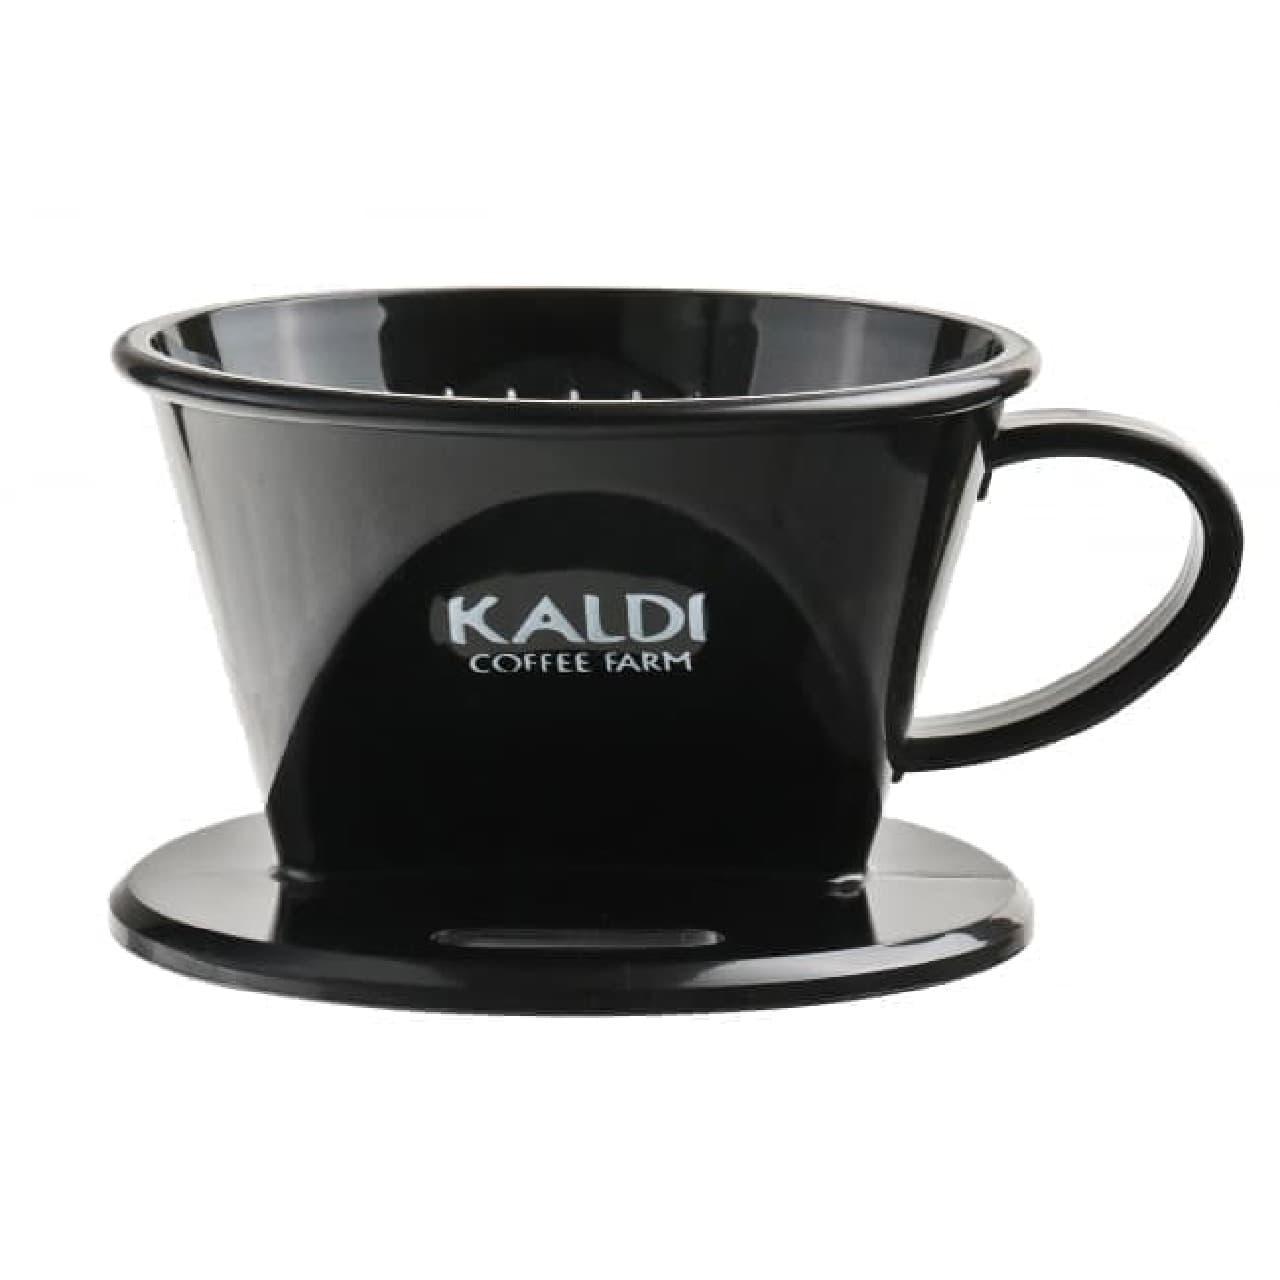 オリジナル グラスコーヒーサーバー300